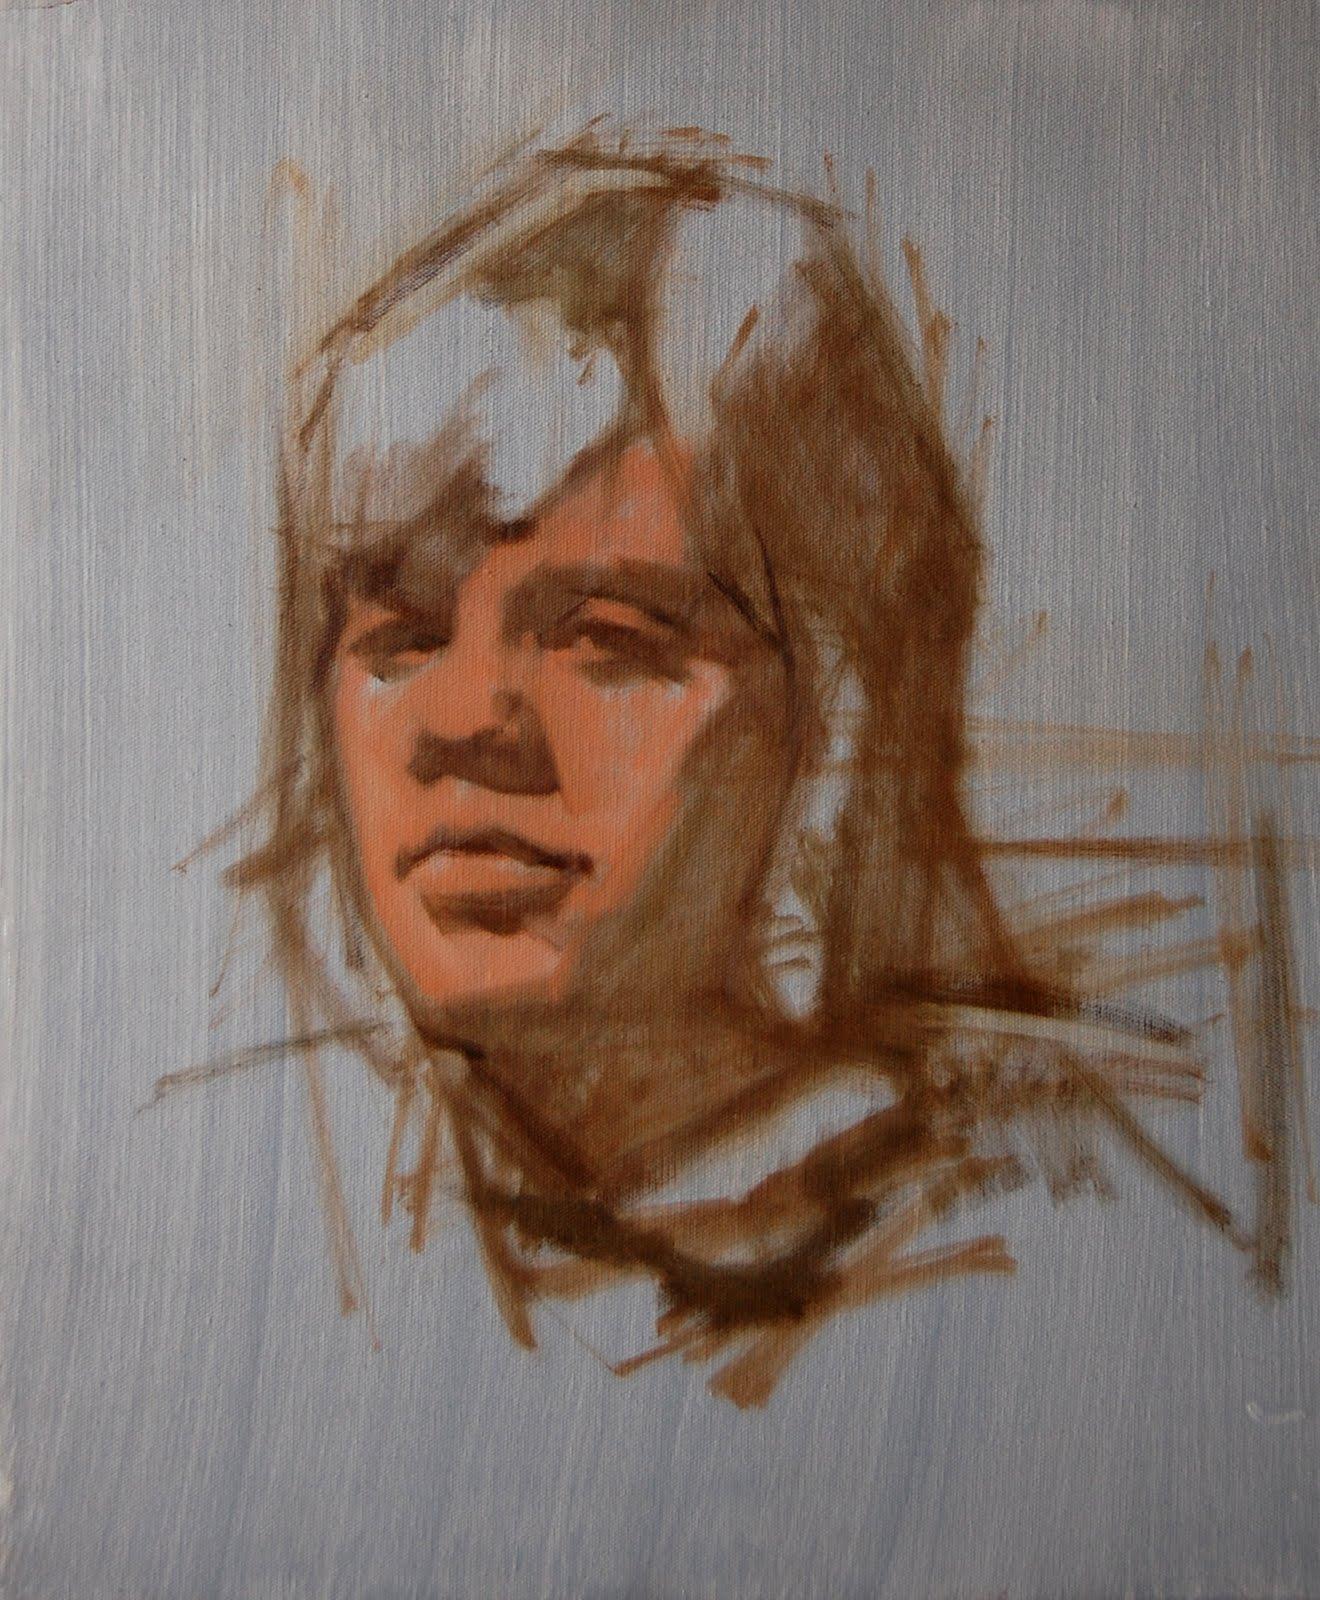 Resultados da Pesquisa de imagens do Google para http://4.bp.blogspot.com/_Swg6JSBL4CE/TTzymmd7ipI/AAAAAAAAAE0/ZbFF61m-EBE/s1600/paintings...%252B004.jpg